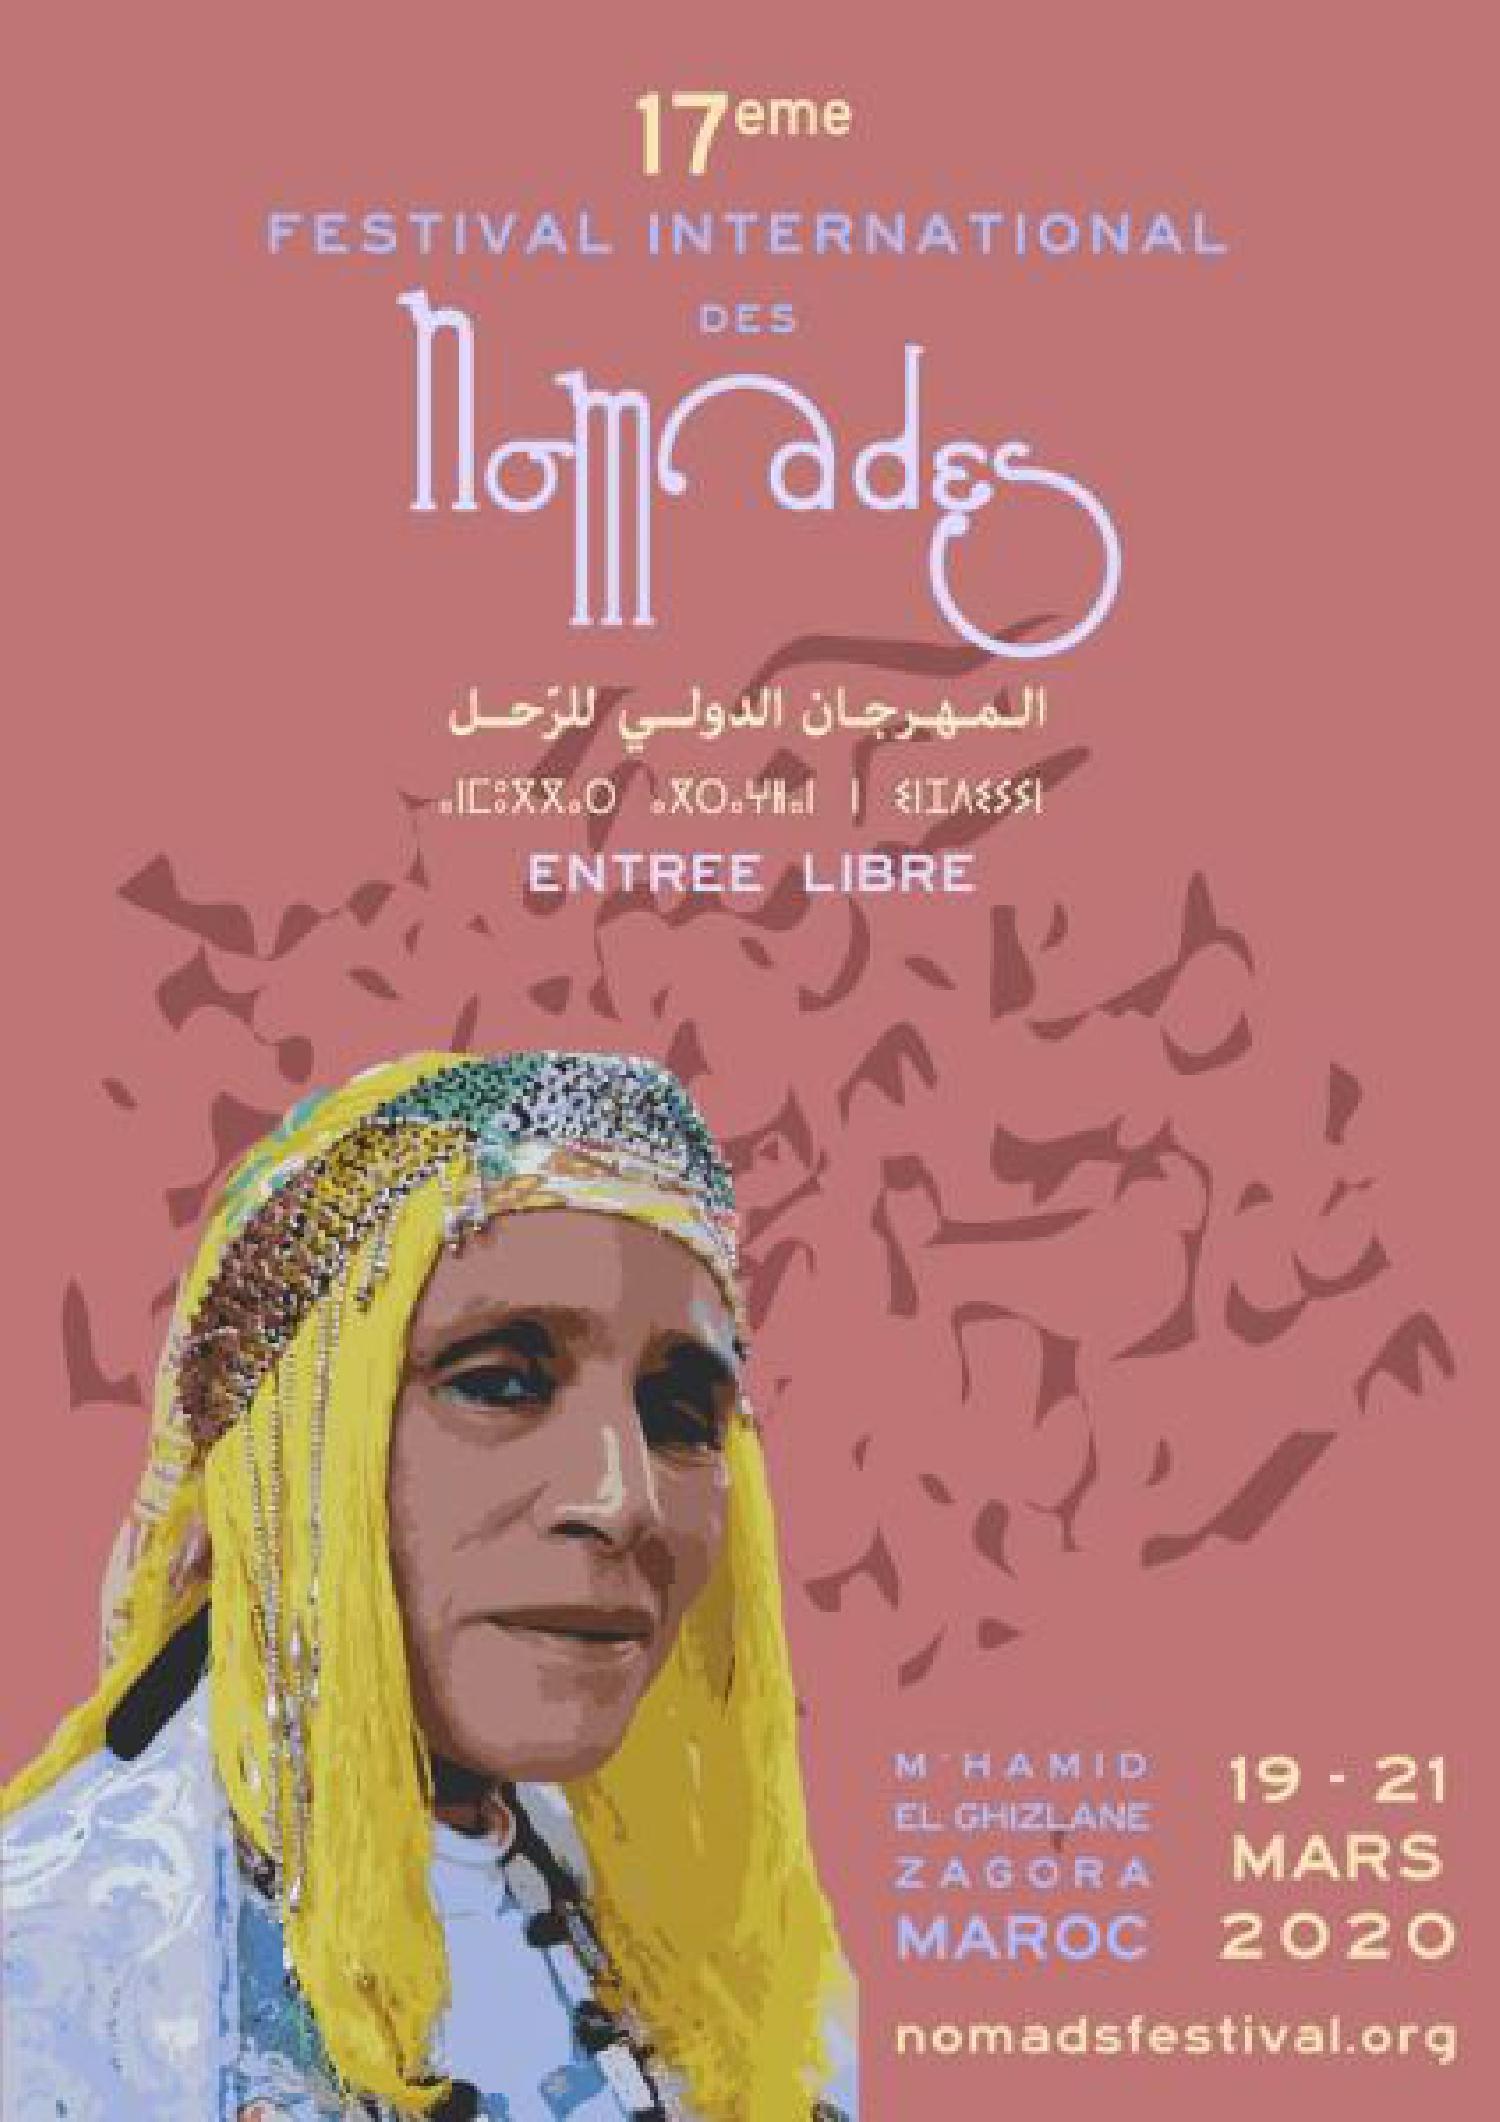 Le Festival International des Nomades revient en mars avec sa 17e édition